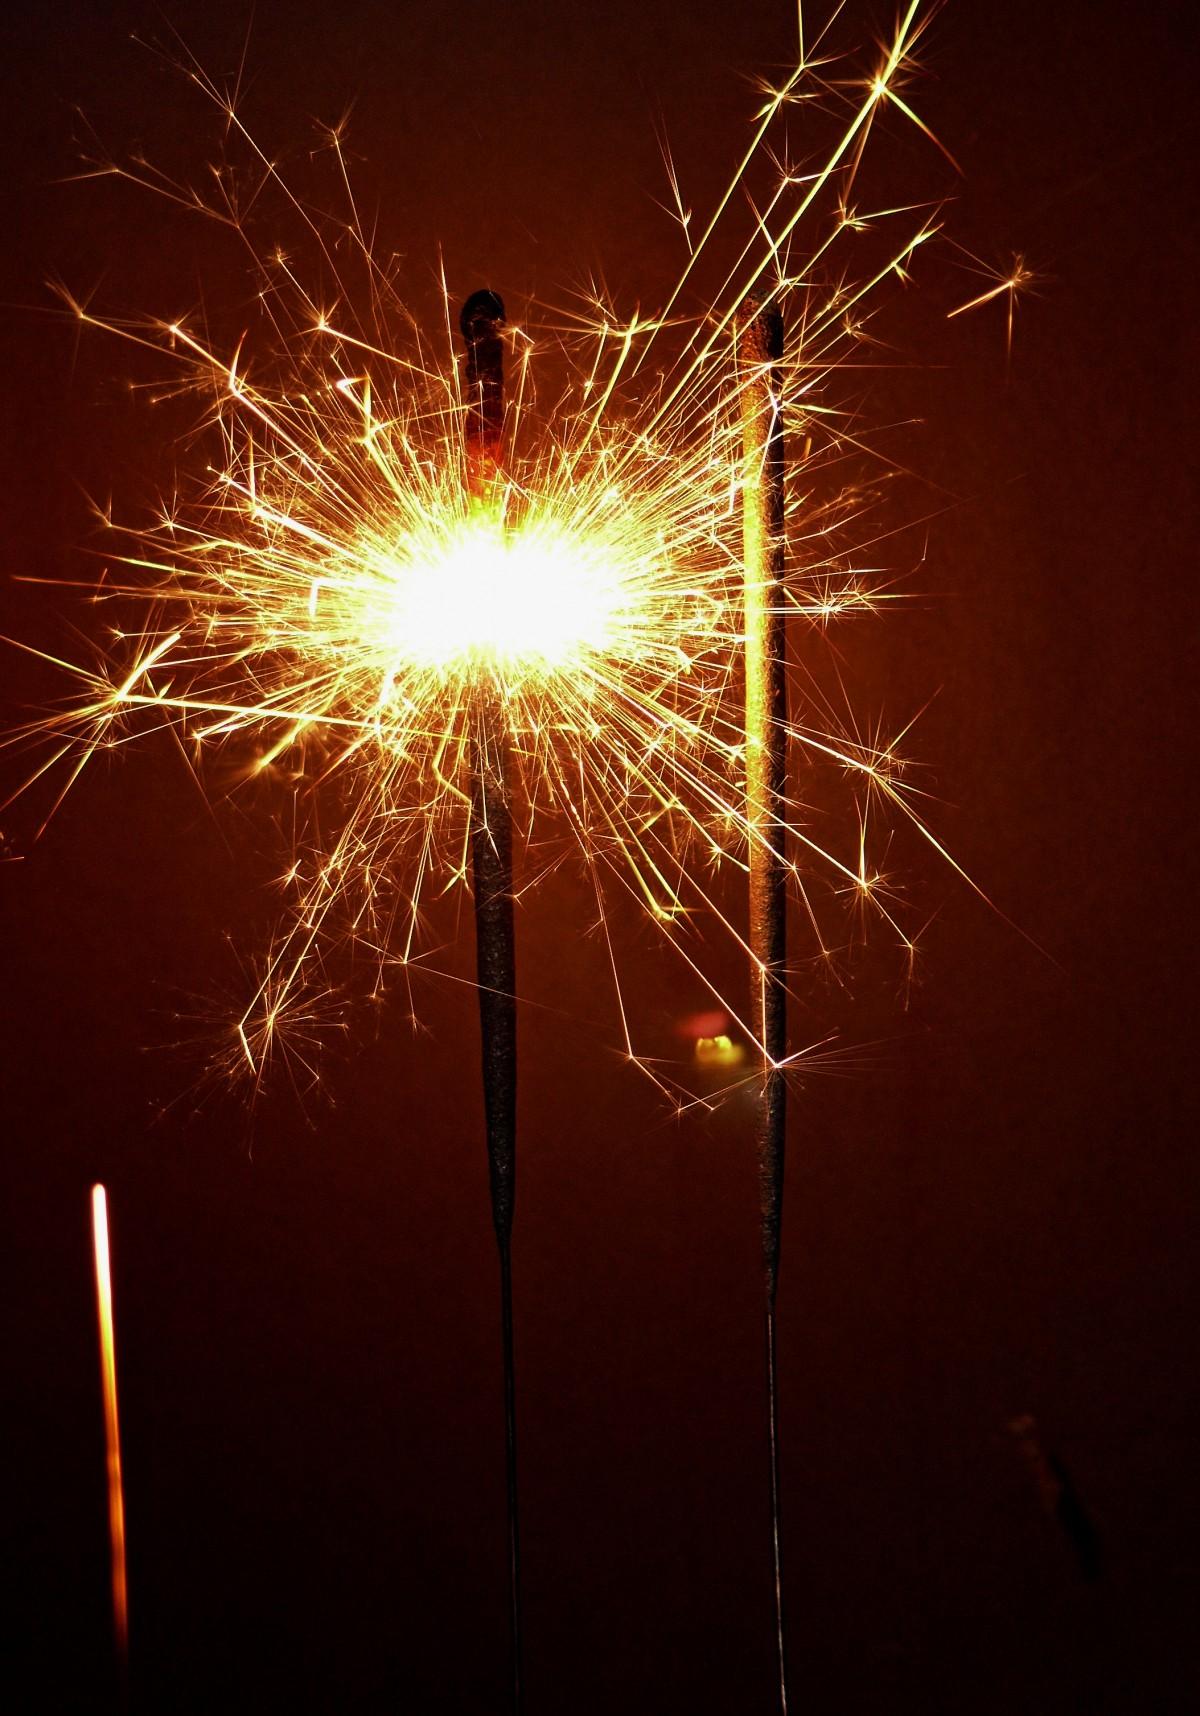 Free Images : Light, Flower, Sparkler, Darkness, Fireworks